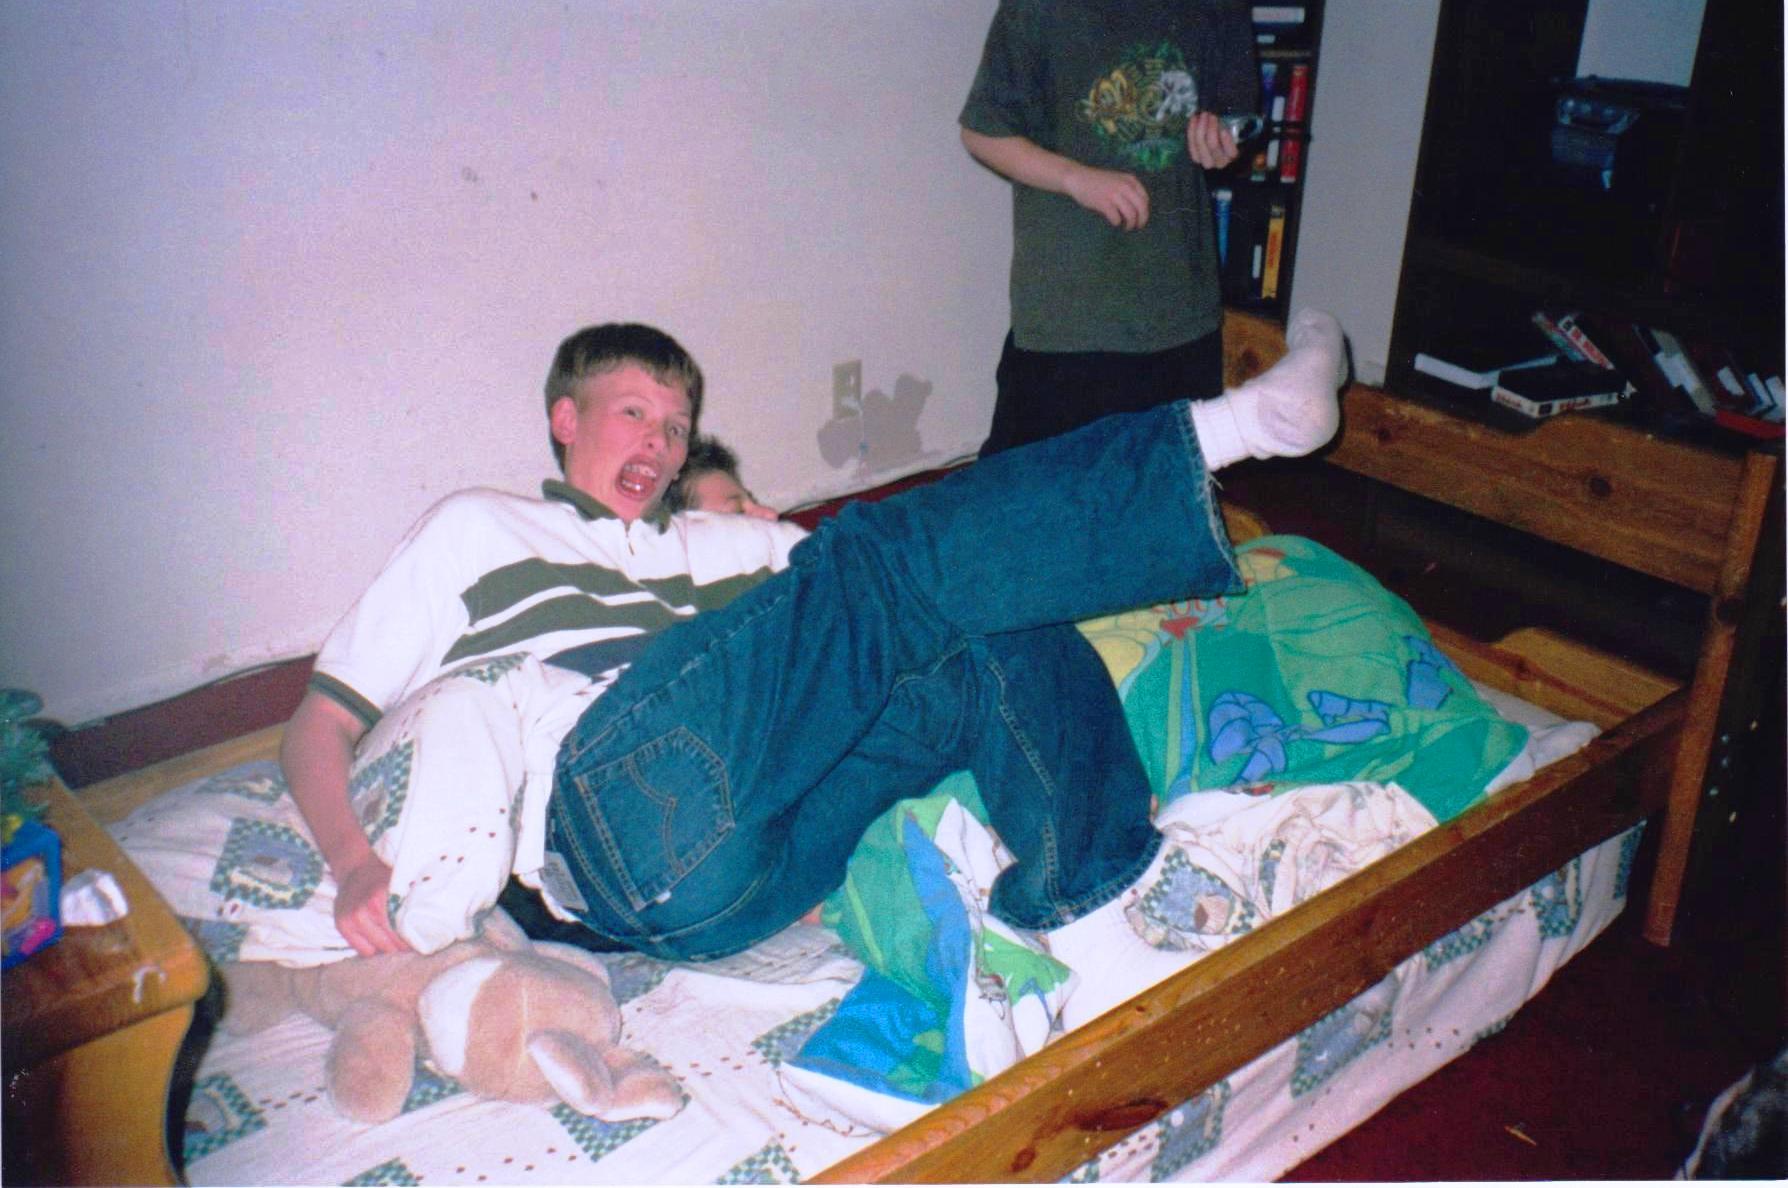 Brett clobering me on Christmas 99.jpg